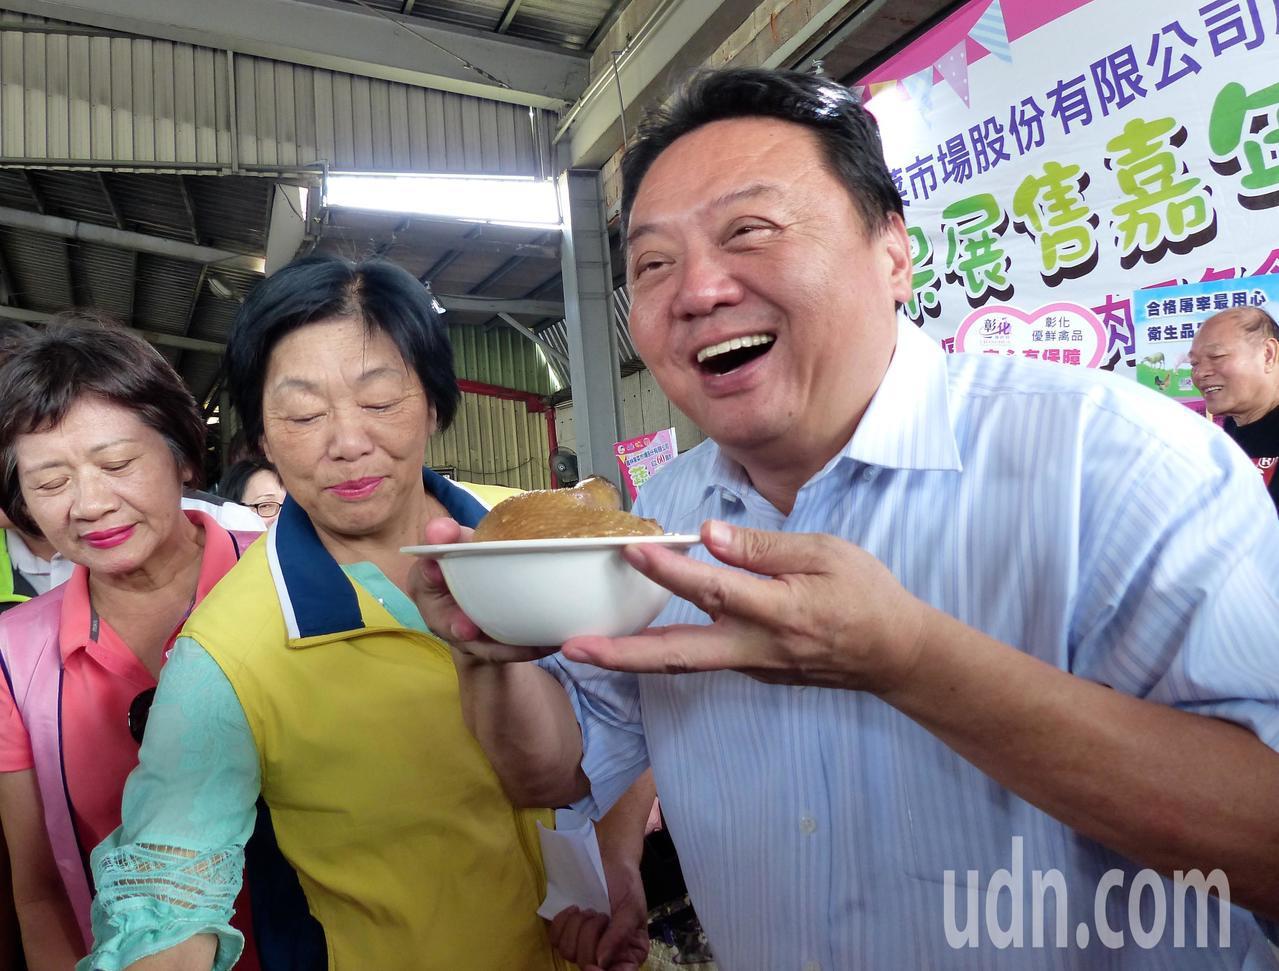 員林市長游振雄端起麻油雞料理,直呼很香,看了就覺得很美味。記者凌筠婷/攝影